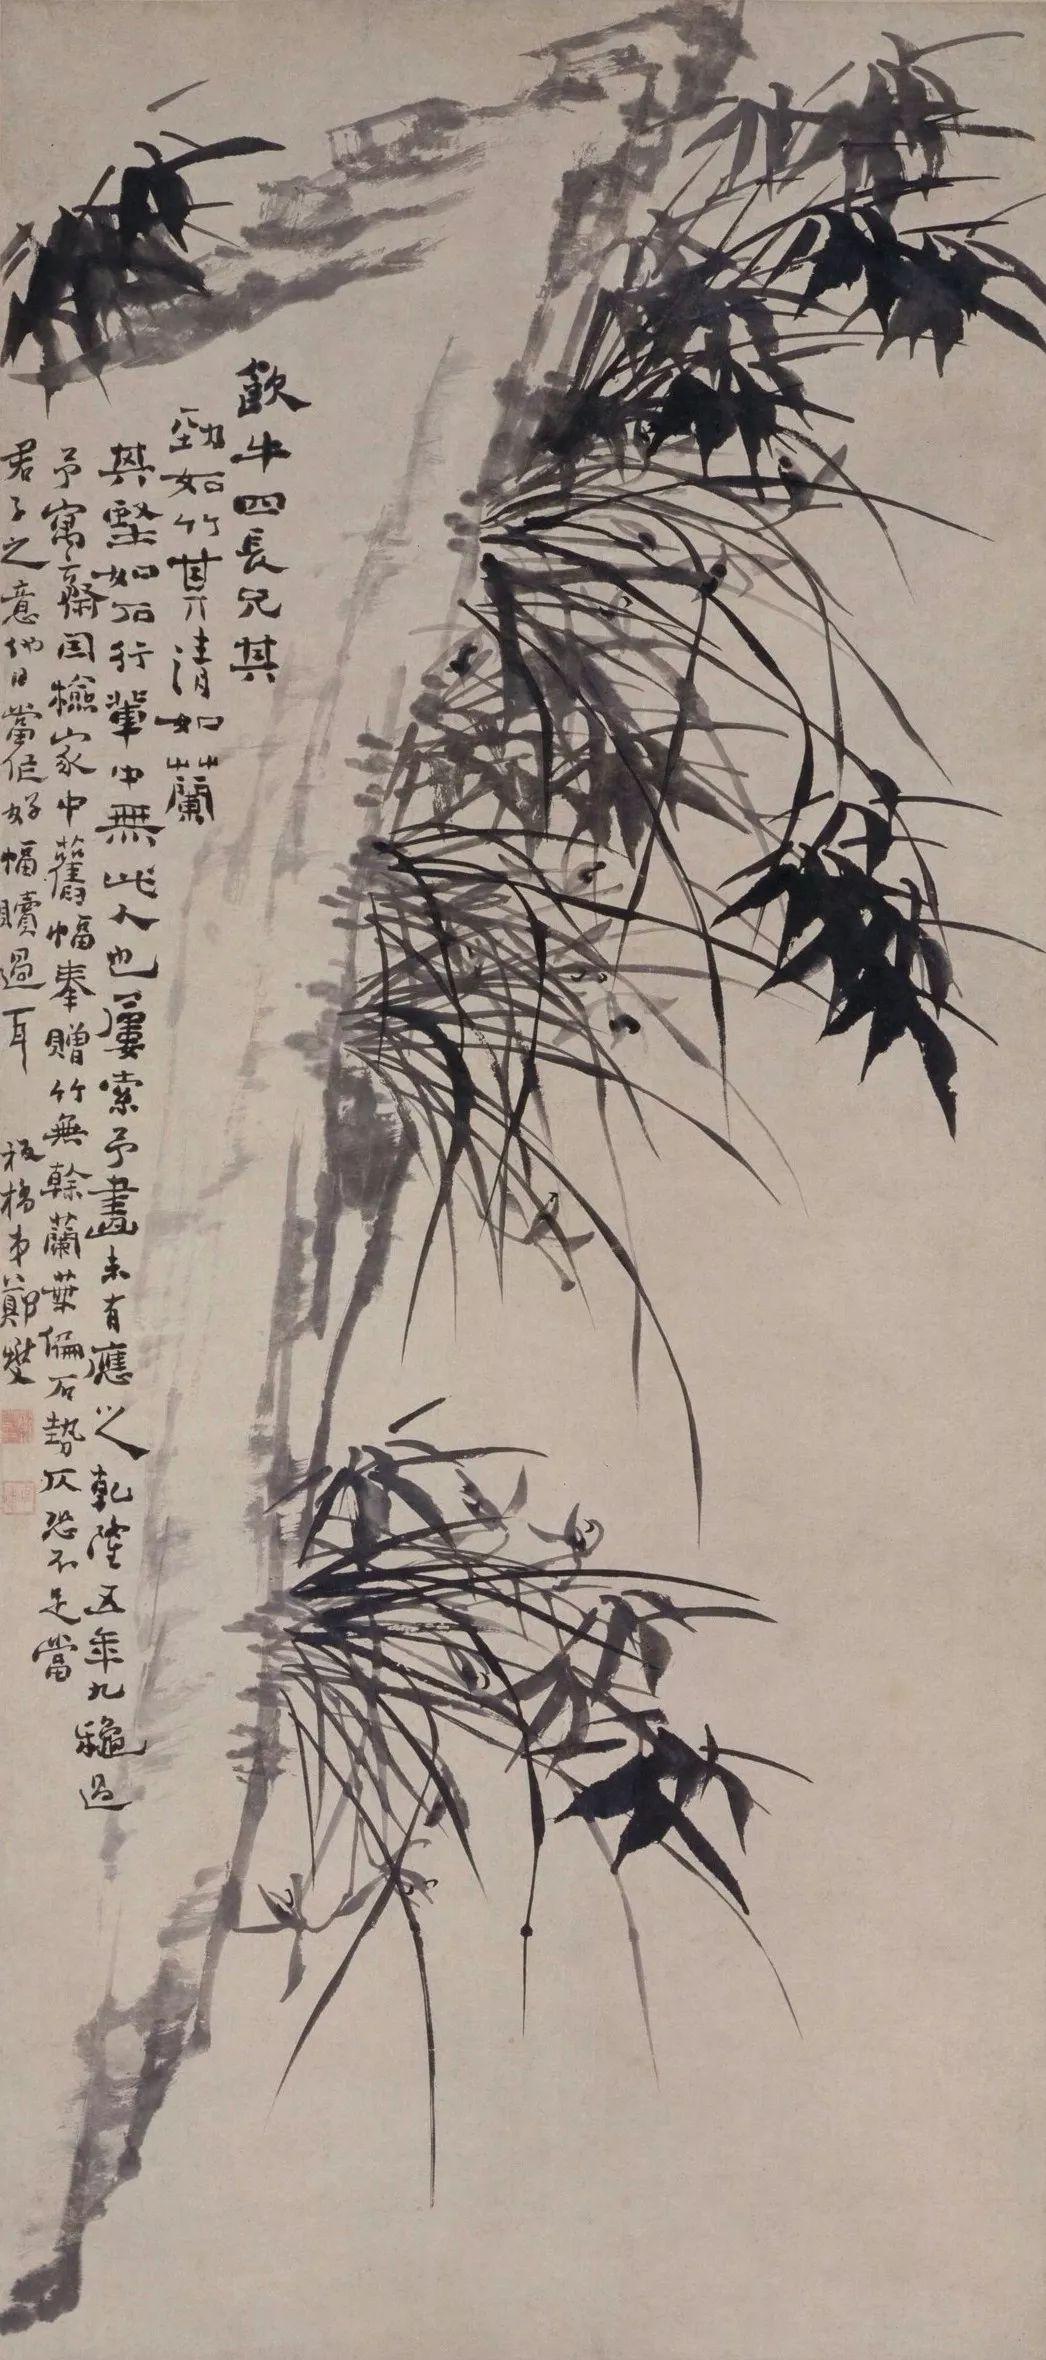 用笔参造化之功 结构合自然之妙 吉峰行书《郑燮·竹石》20200326